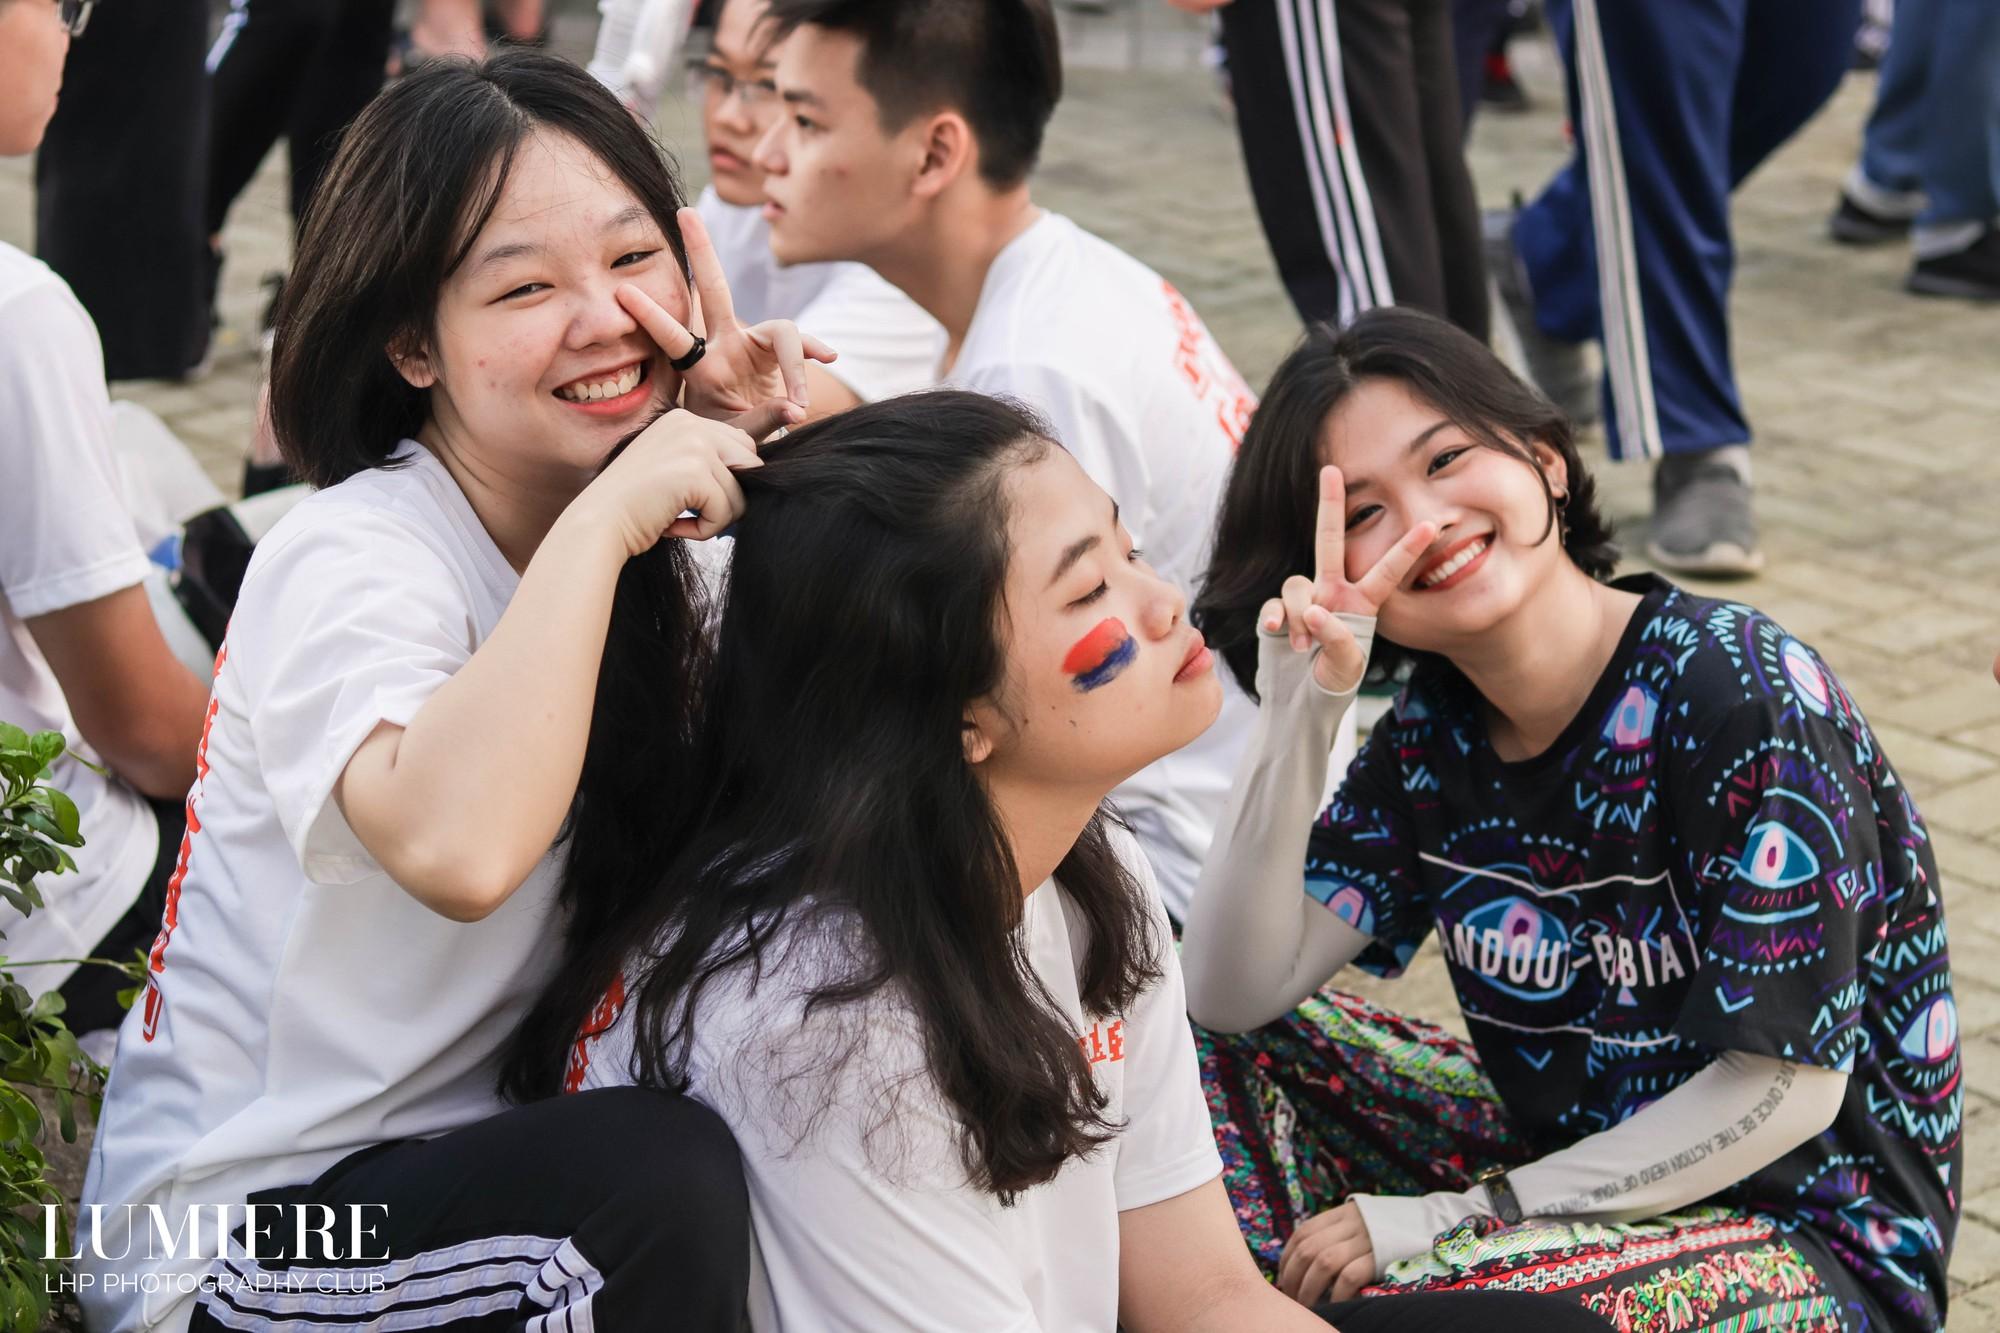 """Với các bạn học sinh trường THPT Chuyên Lê Hồng Phong (TP HCM) thì lại đánh dấu kỷ niệm bằng một sự kiện không thể nào quên được, đó là ngày hội """"Khi tôi 18""""."""